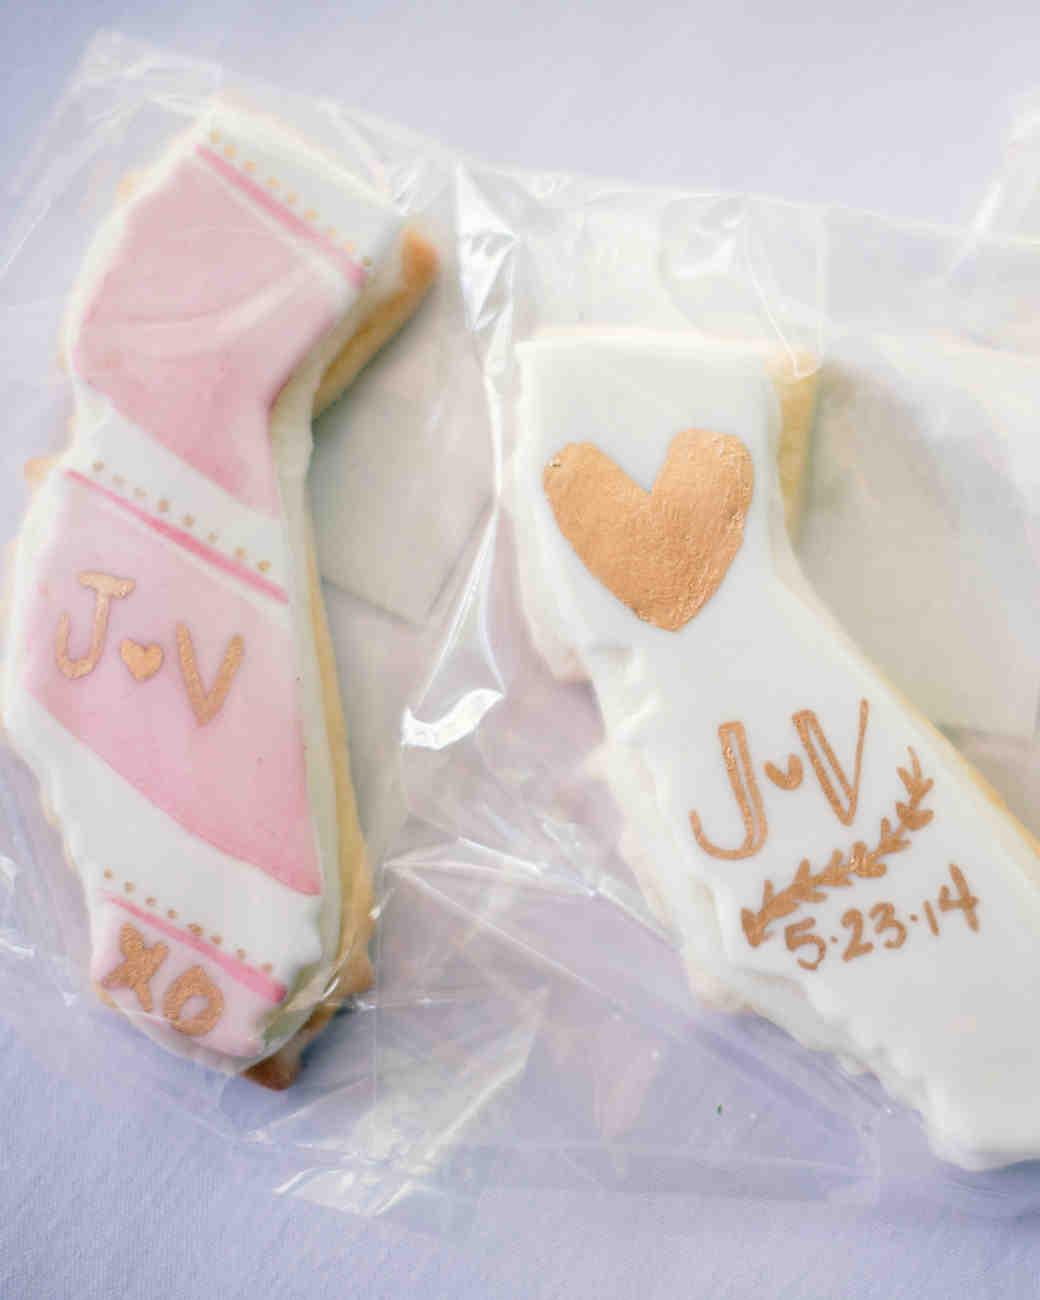 vanessa-joe-wedding-cookies-7956-s111736-1214.jpg